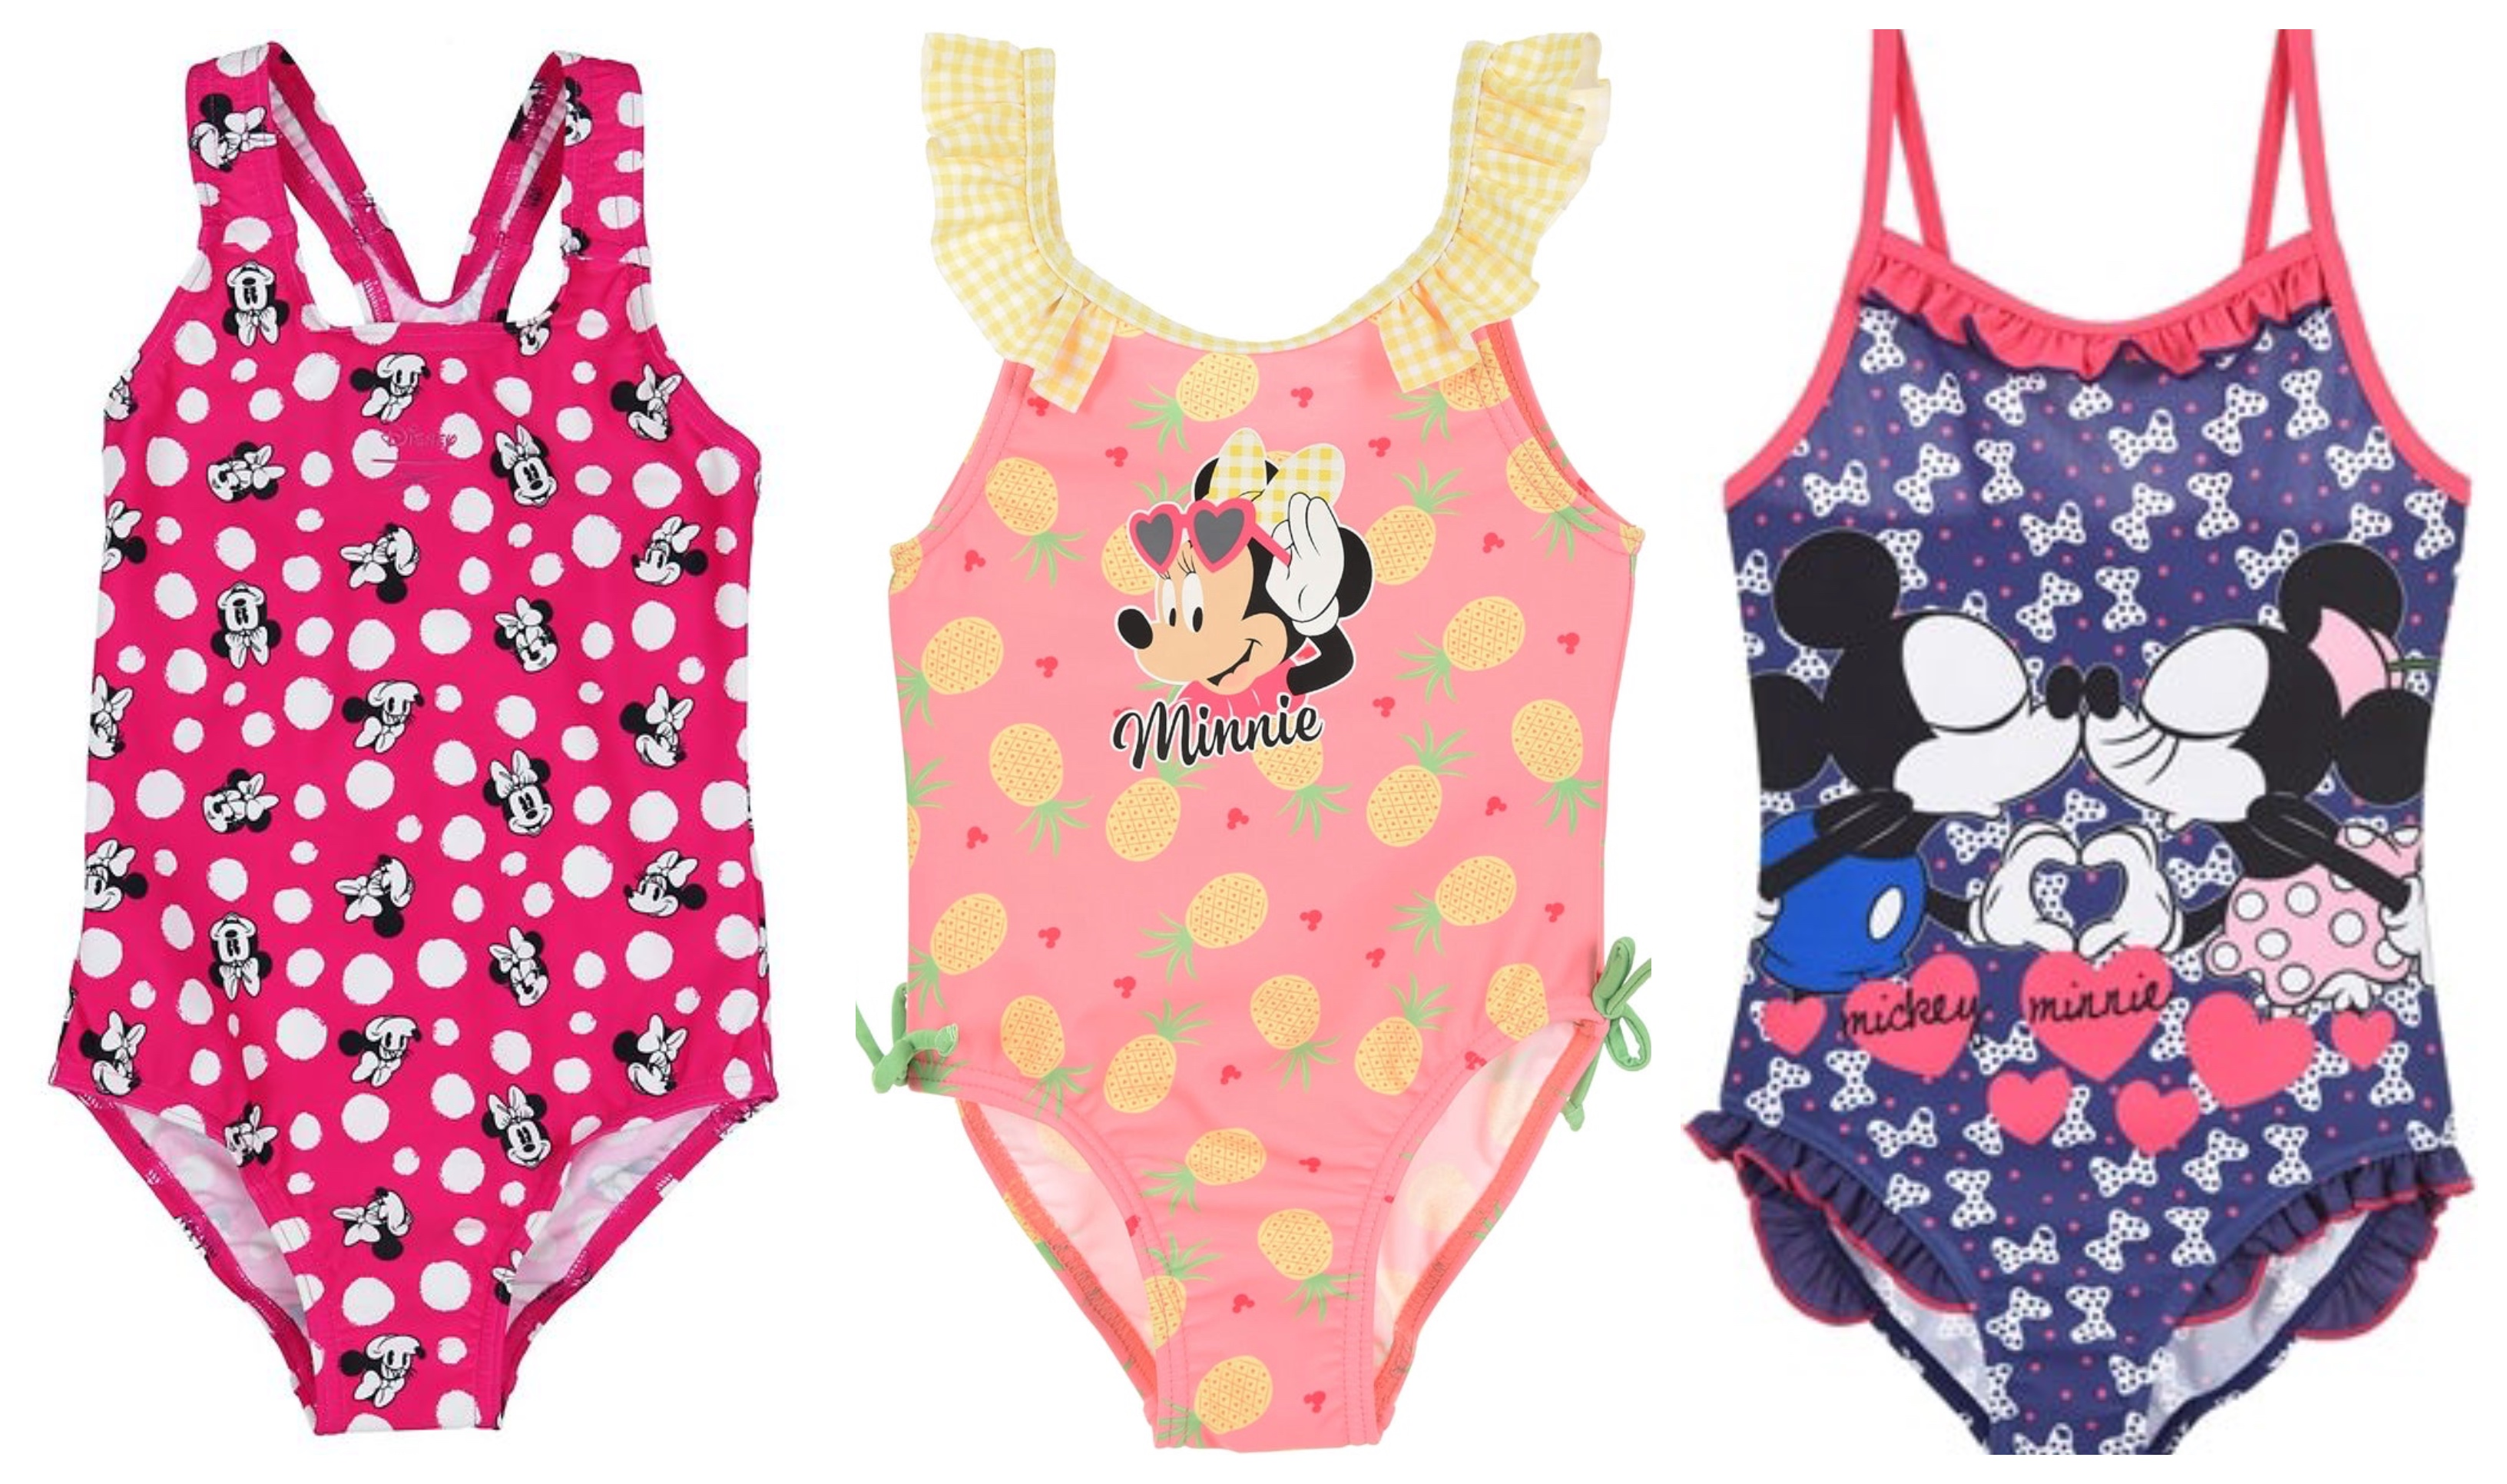 Minnie mouse badetøj, minnie mouse bikini, minnie mouse badebukser, minnie mouse badedragt, disney badetøj til børn, disney bikini til børn, disney badedragt til børn